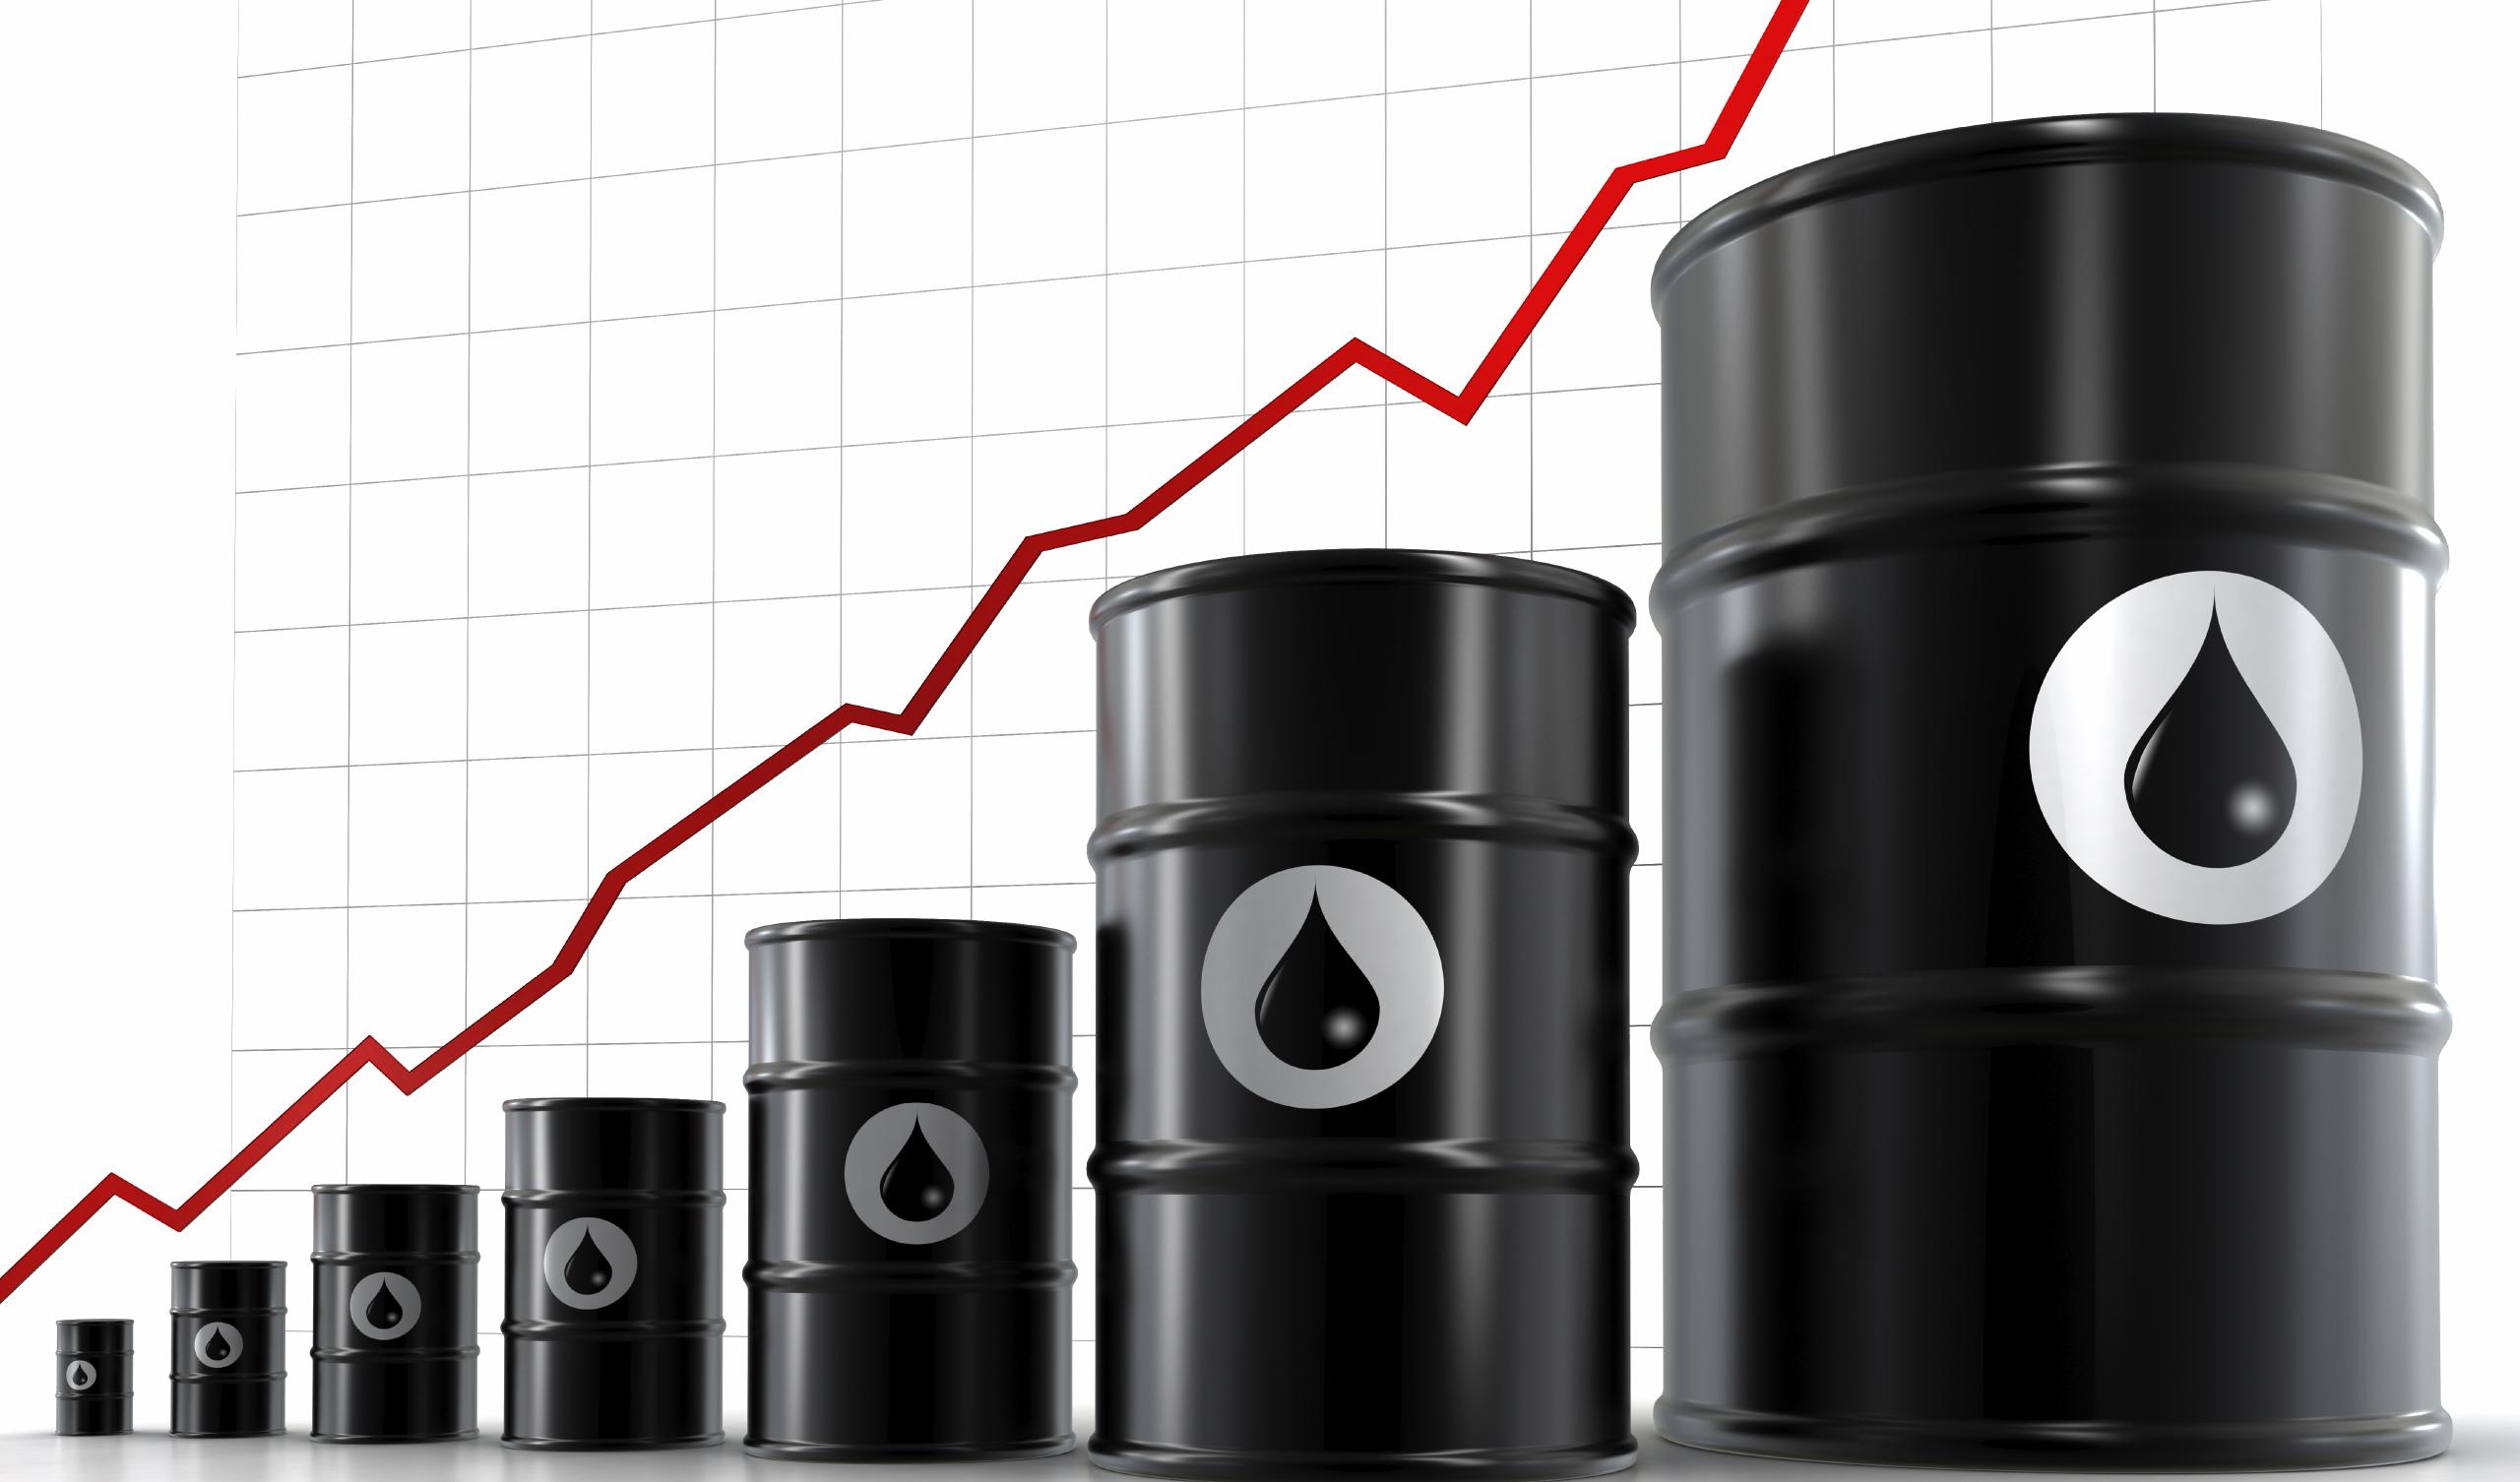 نفت به مسیر افزایشی بازگشت